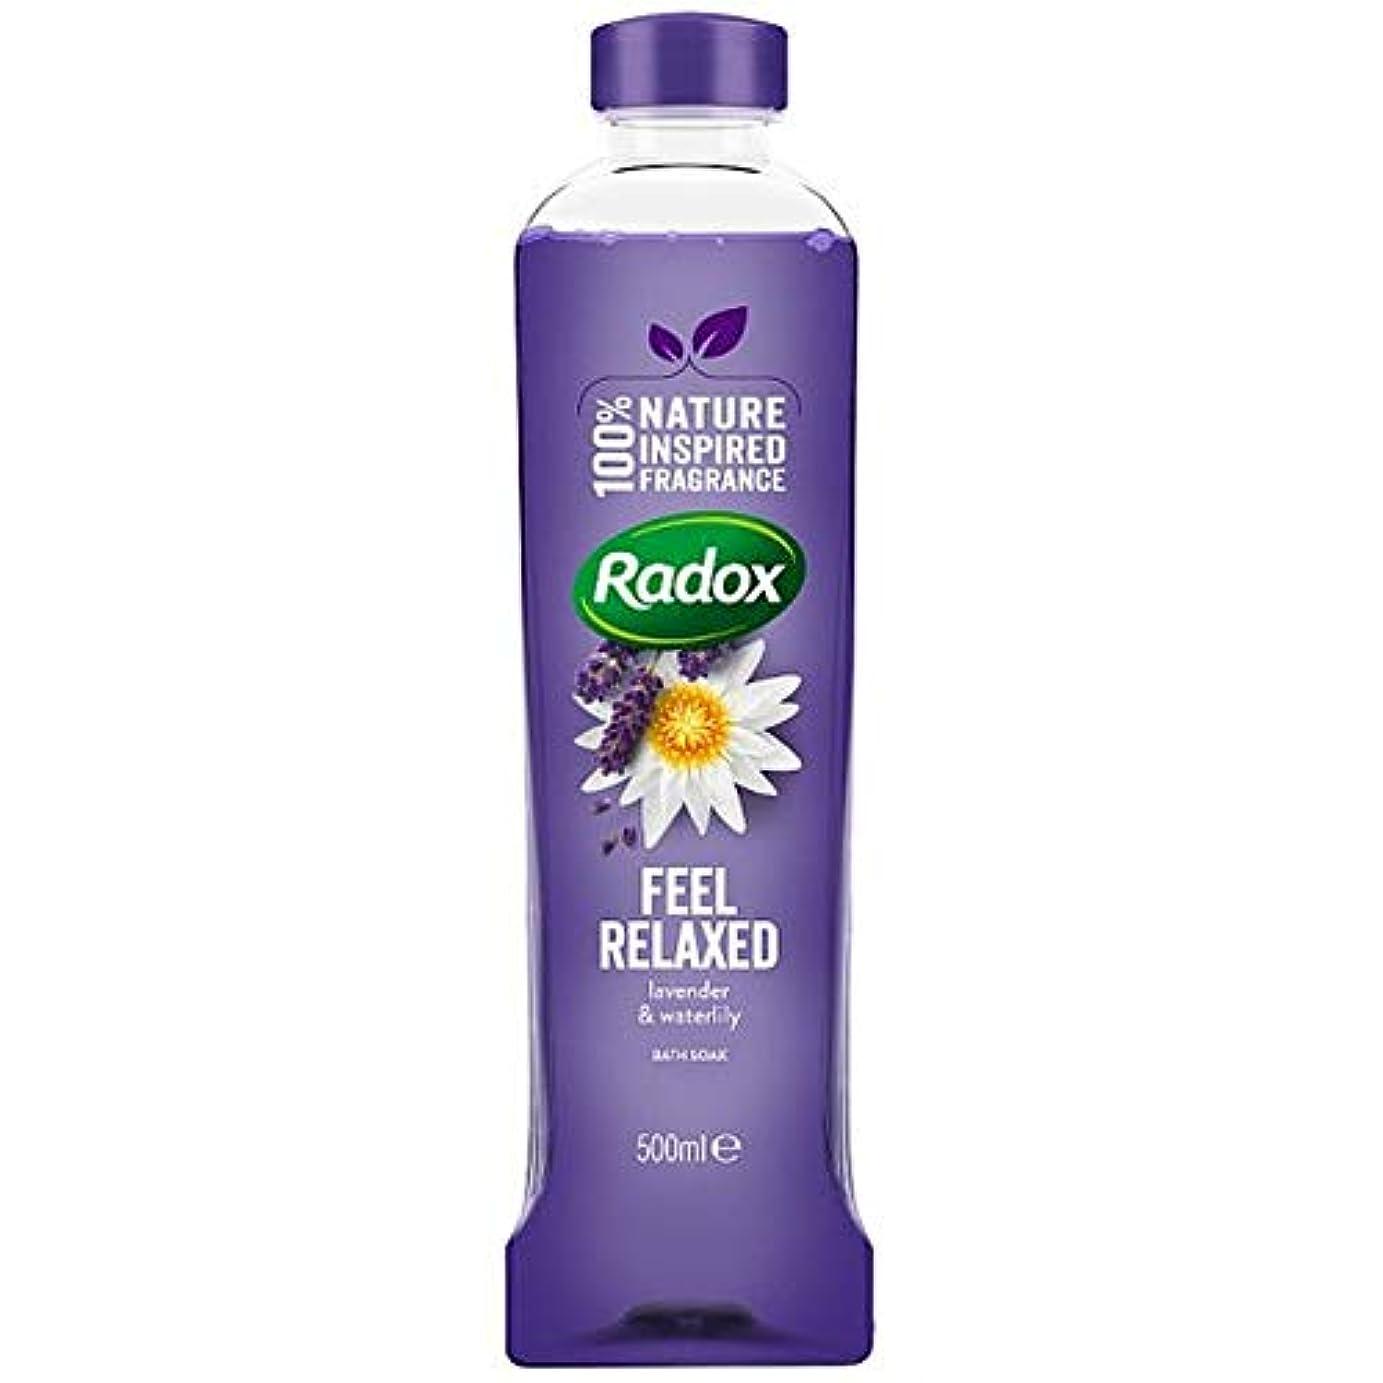 ハウス約束する軽減[Radox] Radoxは、500ミリリットルのソークリラックスしたお風呂を感じます - Radox Feel Relaxed Bath Soak 500Ml [並行輸入品]